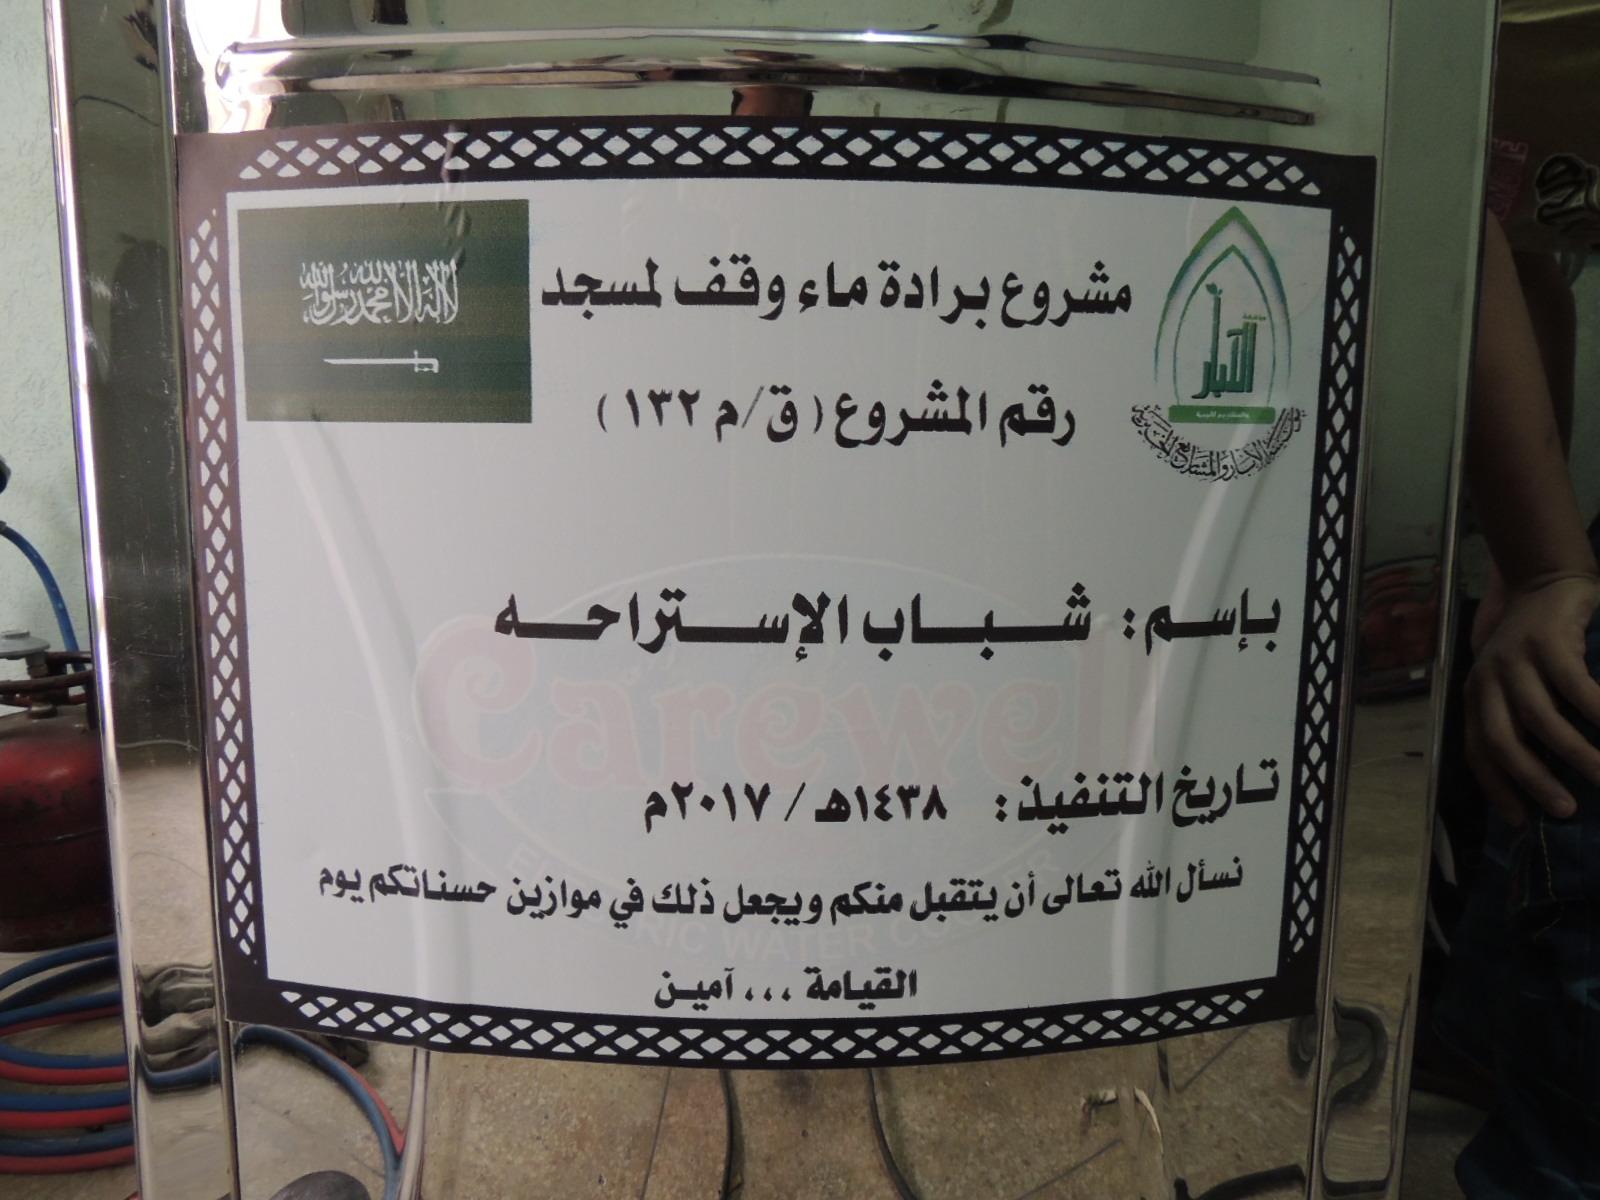 صورة مشروع برادة ماء وقف لمسجد بإسم / شباب الإستراحة (ق/م 132)